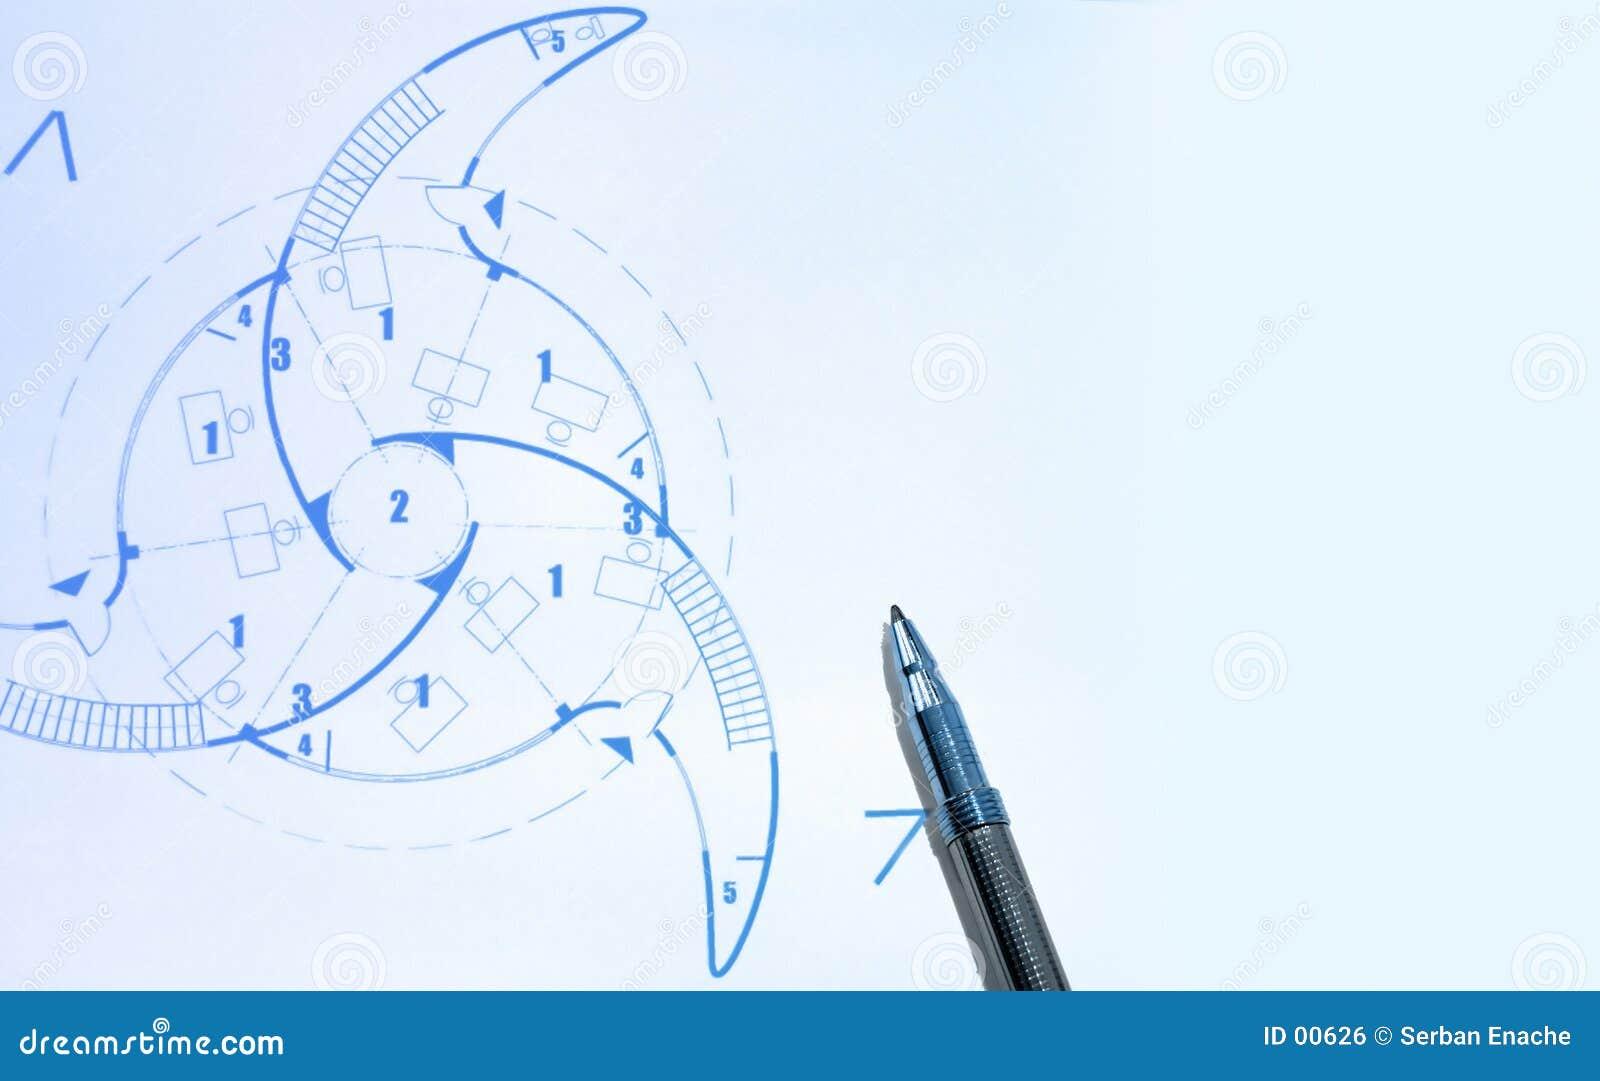 Croquis de mise au point et crayon lecteur